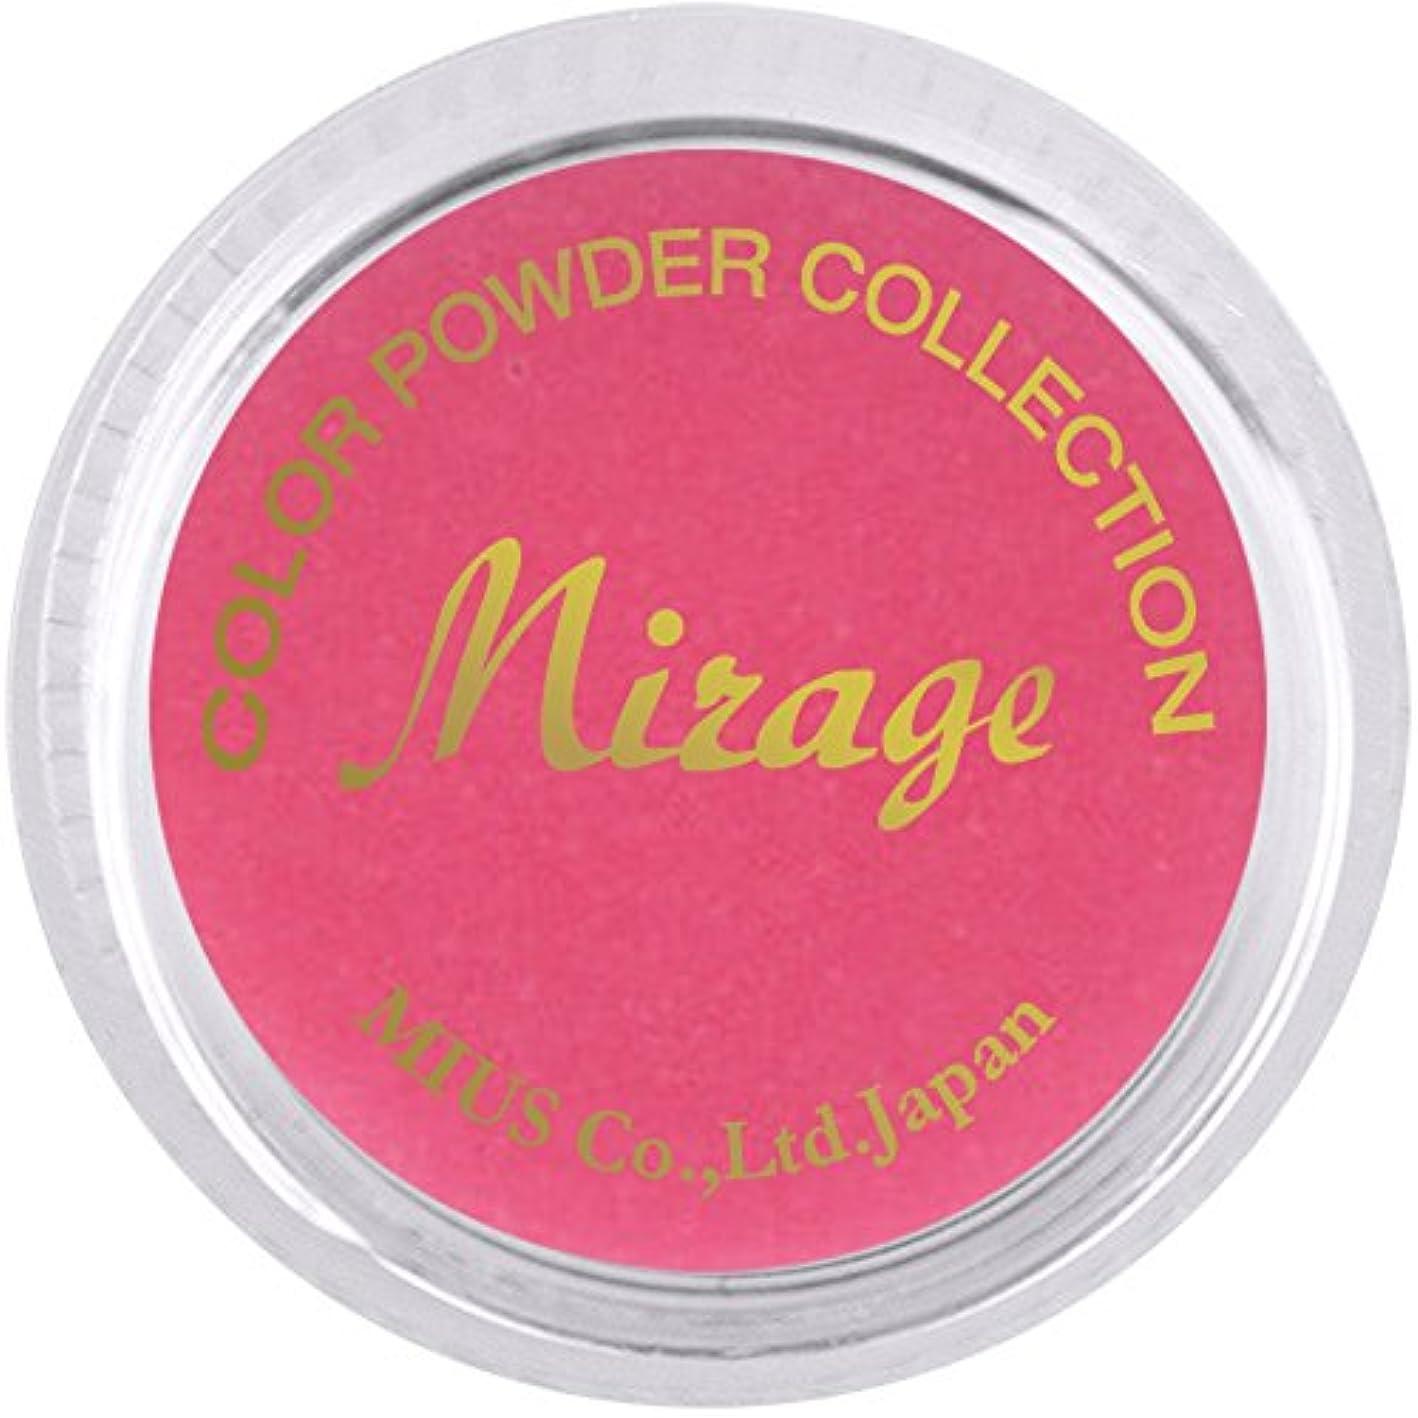 に対して検査官ヘッジミラージュ カラーパウダー N/WPG-9  7g  アクリルパウダー ピンクのグラデーションカラー